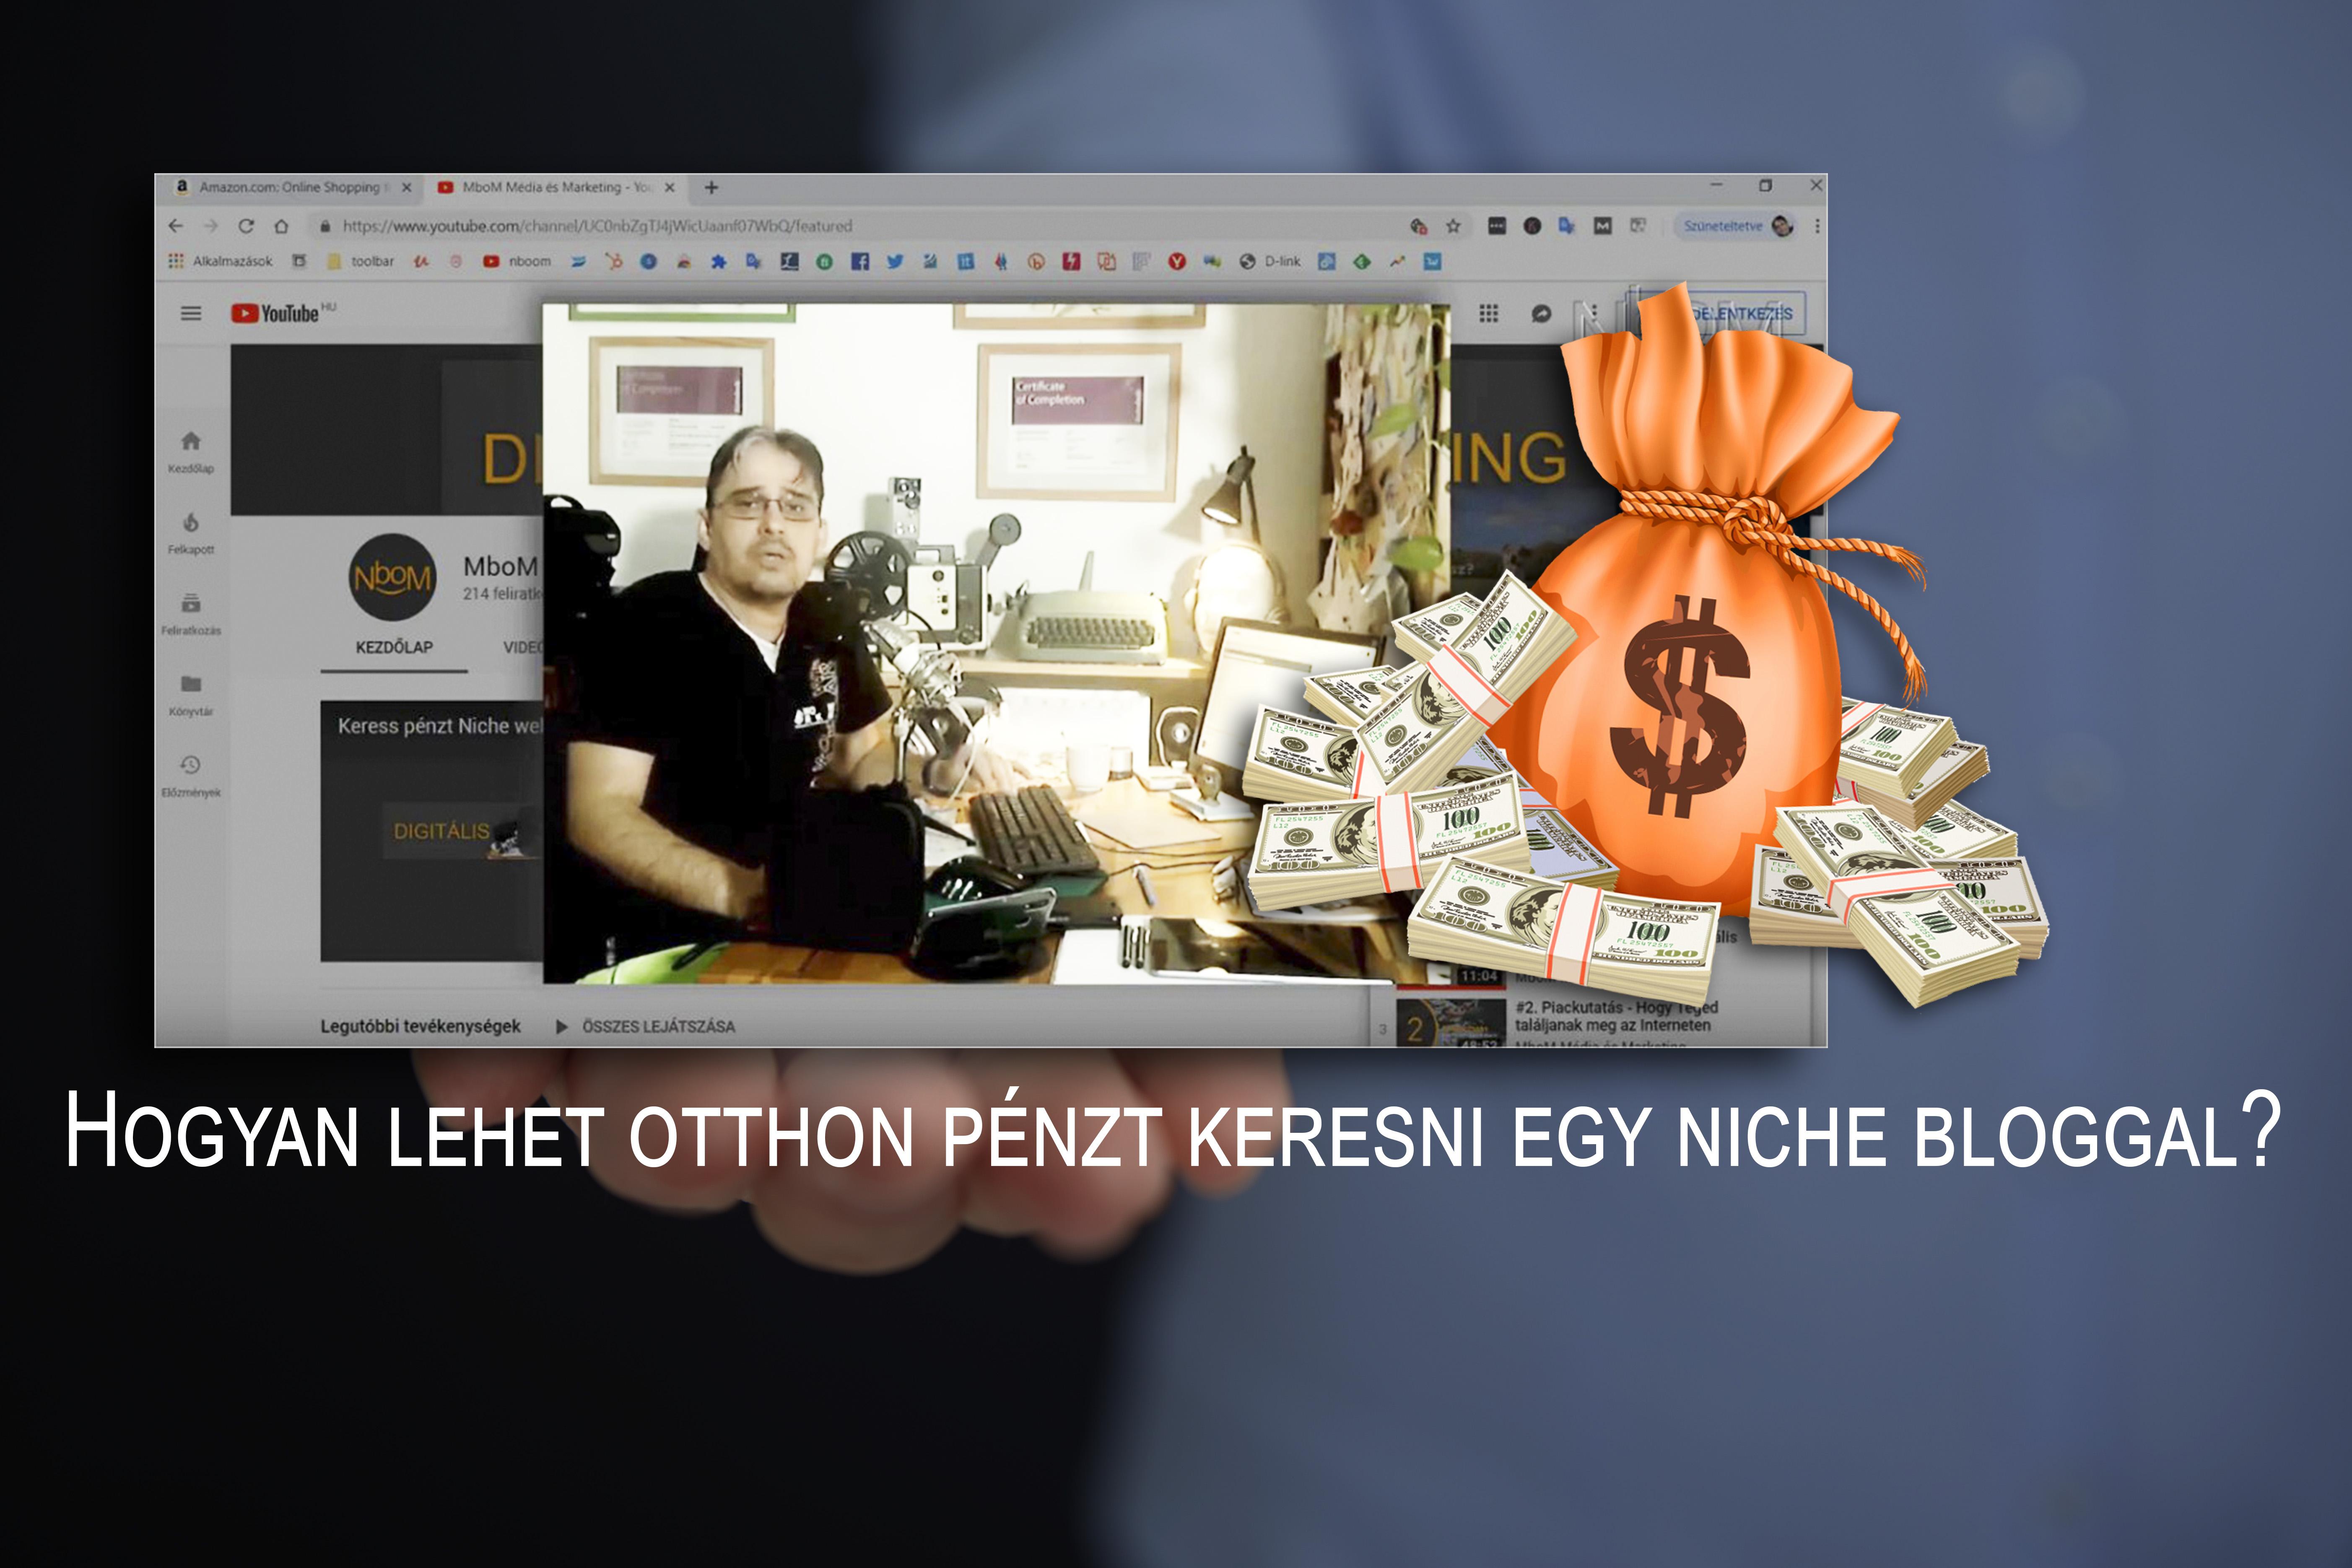 hol lehet pénzt keresni a neten